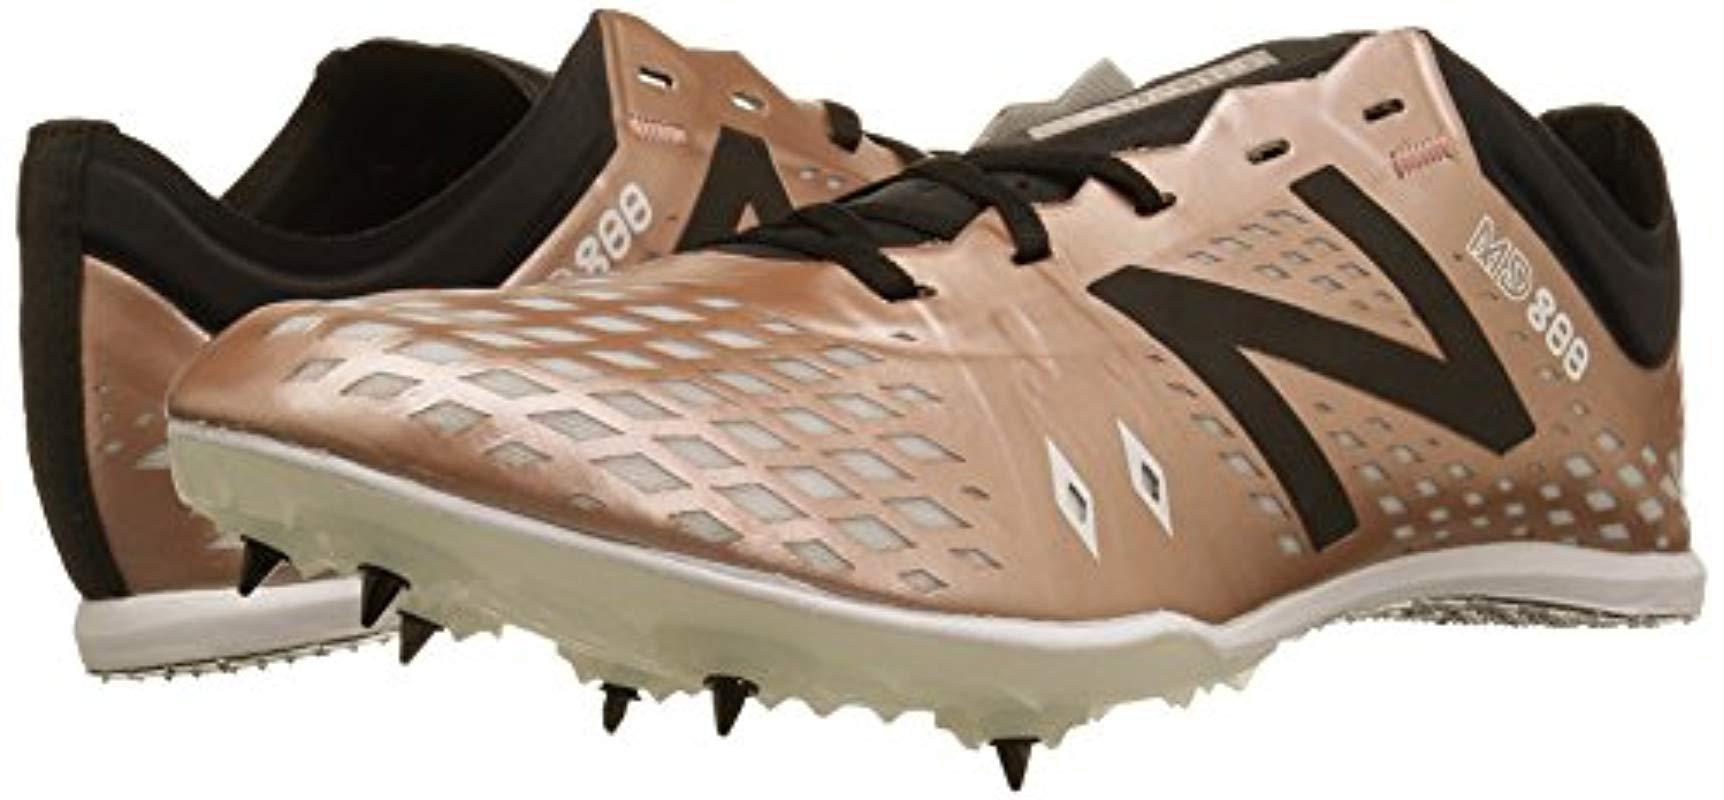 plus récent 3383b de226 Women's Md800v5 Track Shoe